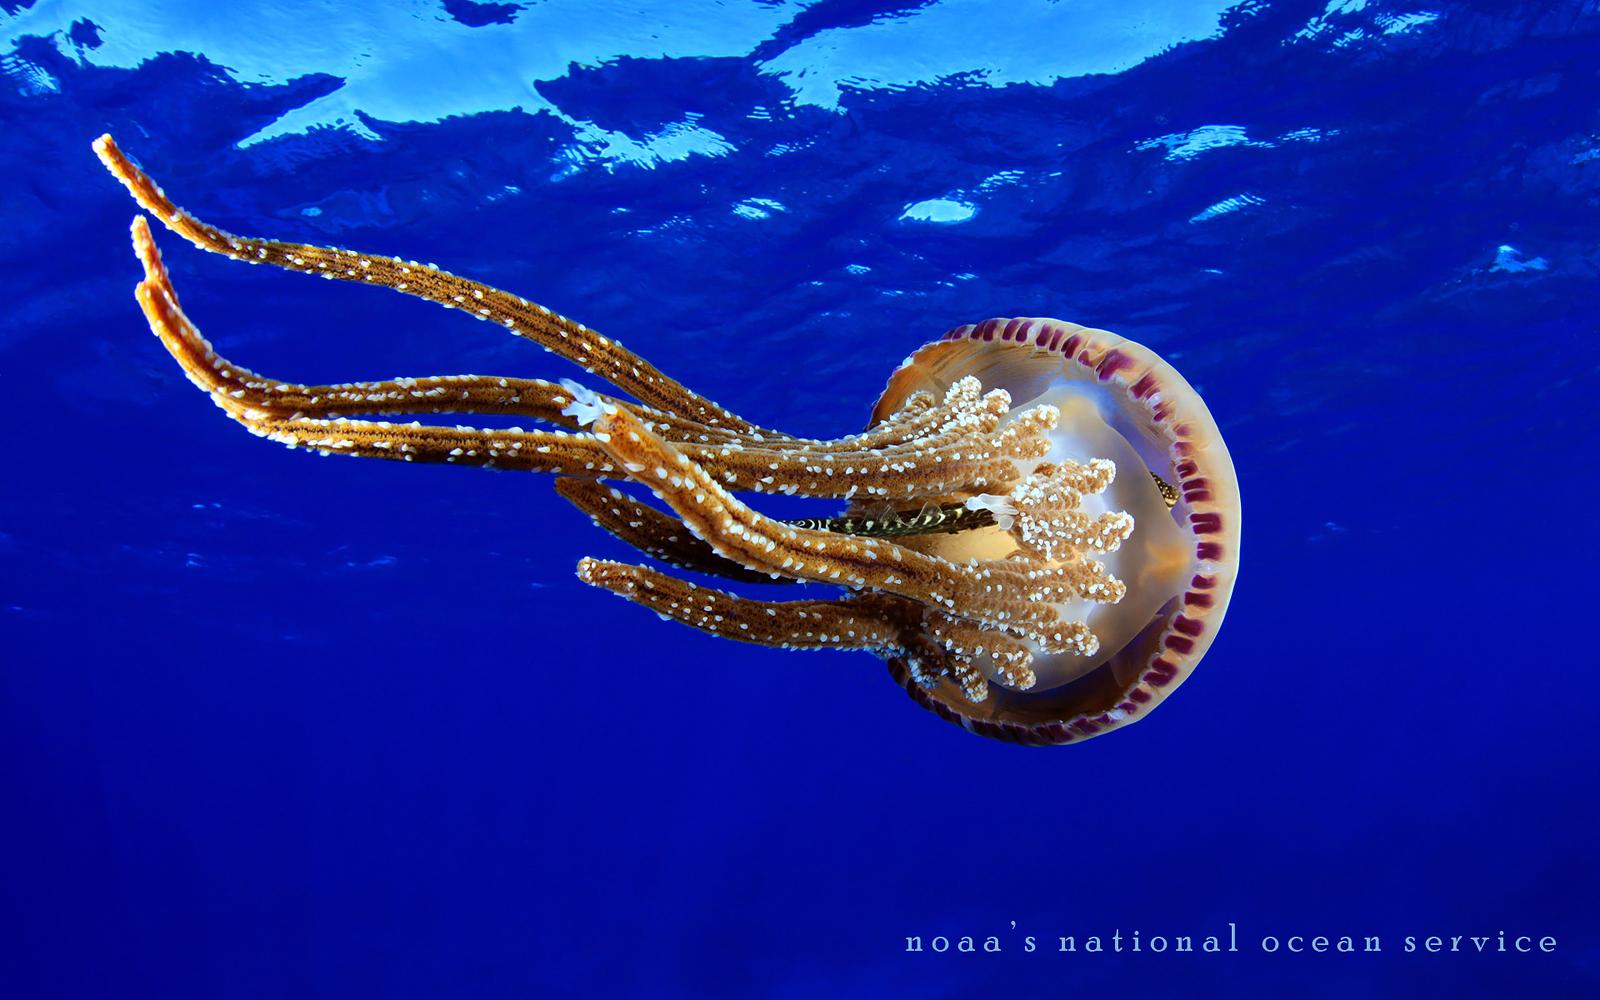 Marine Biology Wallpaper - WallpaperSafari